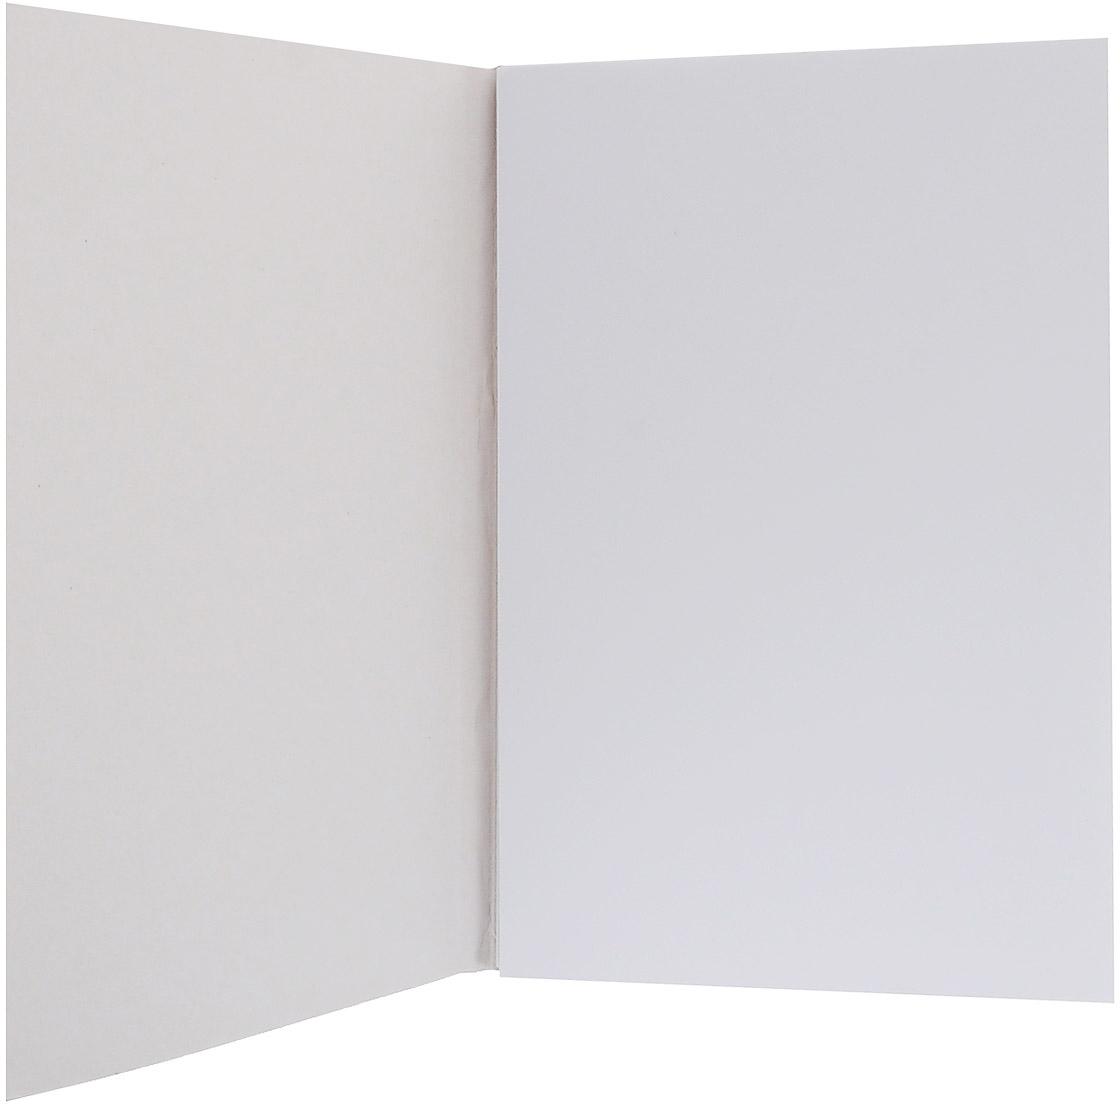 Альбом Kroyter предназначен для эскизов и рисования, подходит для работ тушью. Внутренний блок - на склейке с твердой картонной подложкой, что позволяет использовать альбом вне дома. Обложка, изготовленная из высококачественного импортного картона, имеет стильный и современный дизайн.